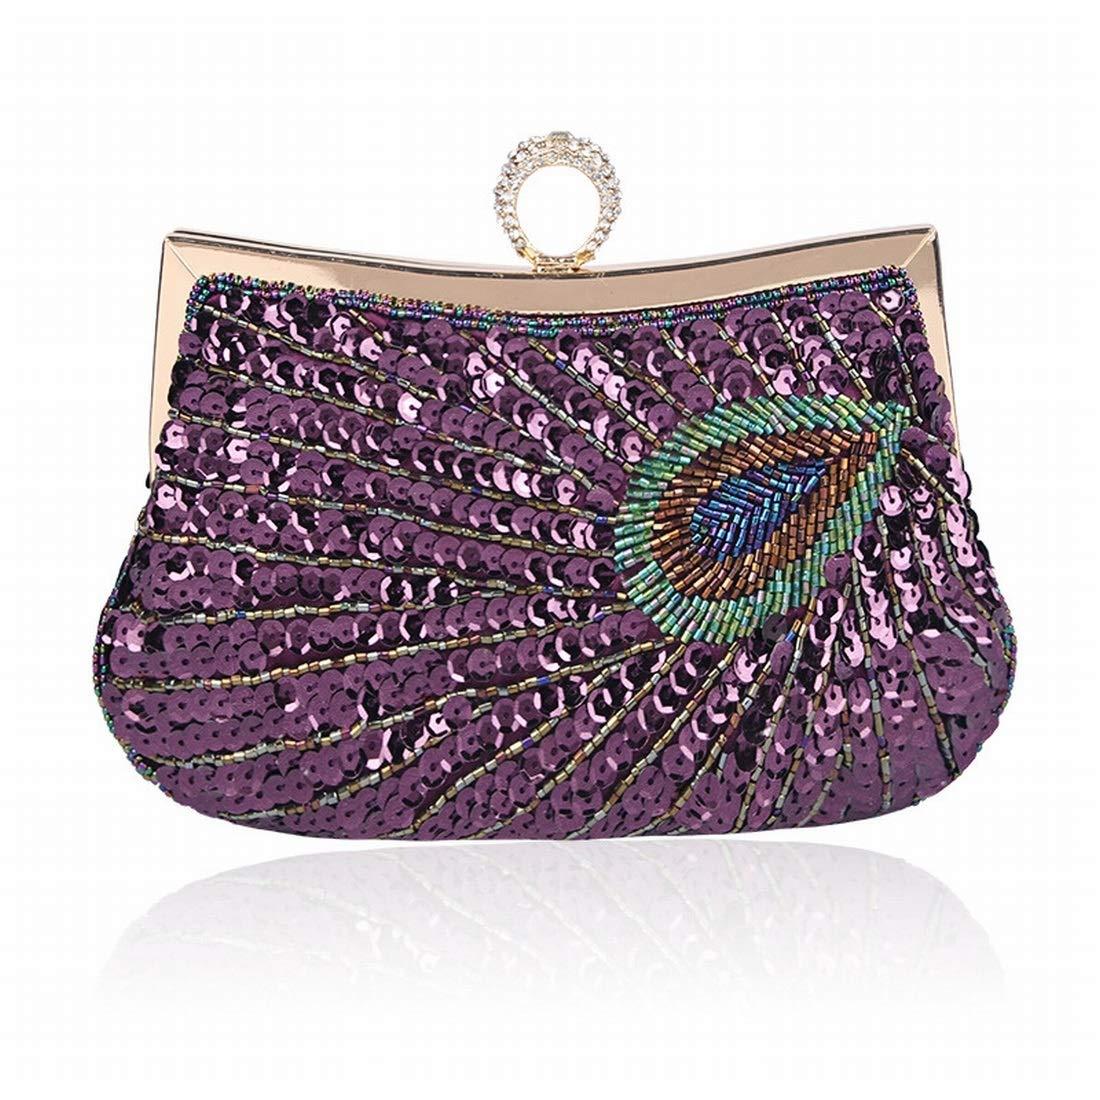 5b583bd259911 Jsfnngdv Frauen Handtaschen Multi Farbe Abendtaschen Kristall Party  Kupplungen Kupplungen Kupplungen Tasche (Farbe lila) B07QN411YJ Clutches  Günstigstes ...